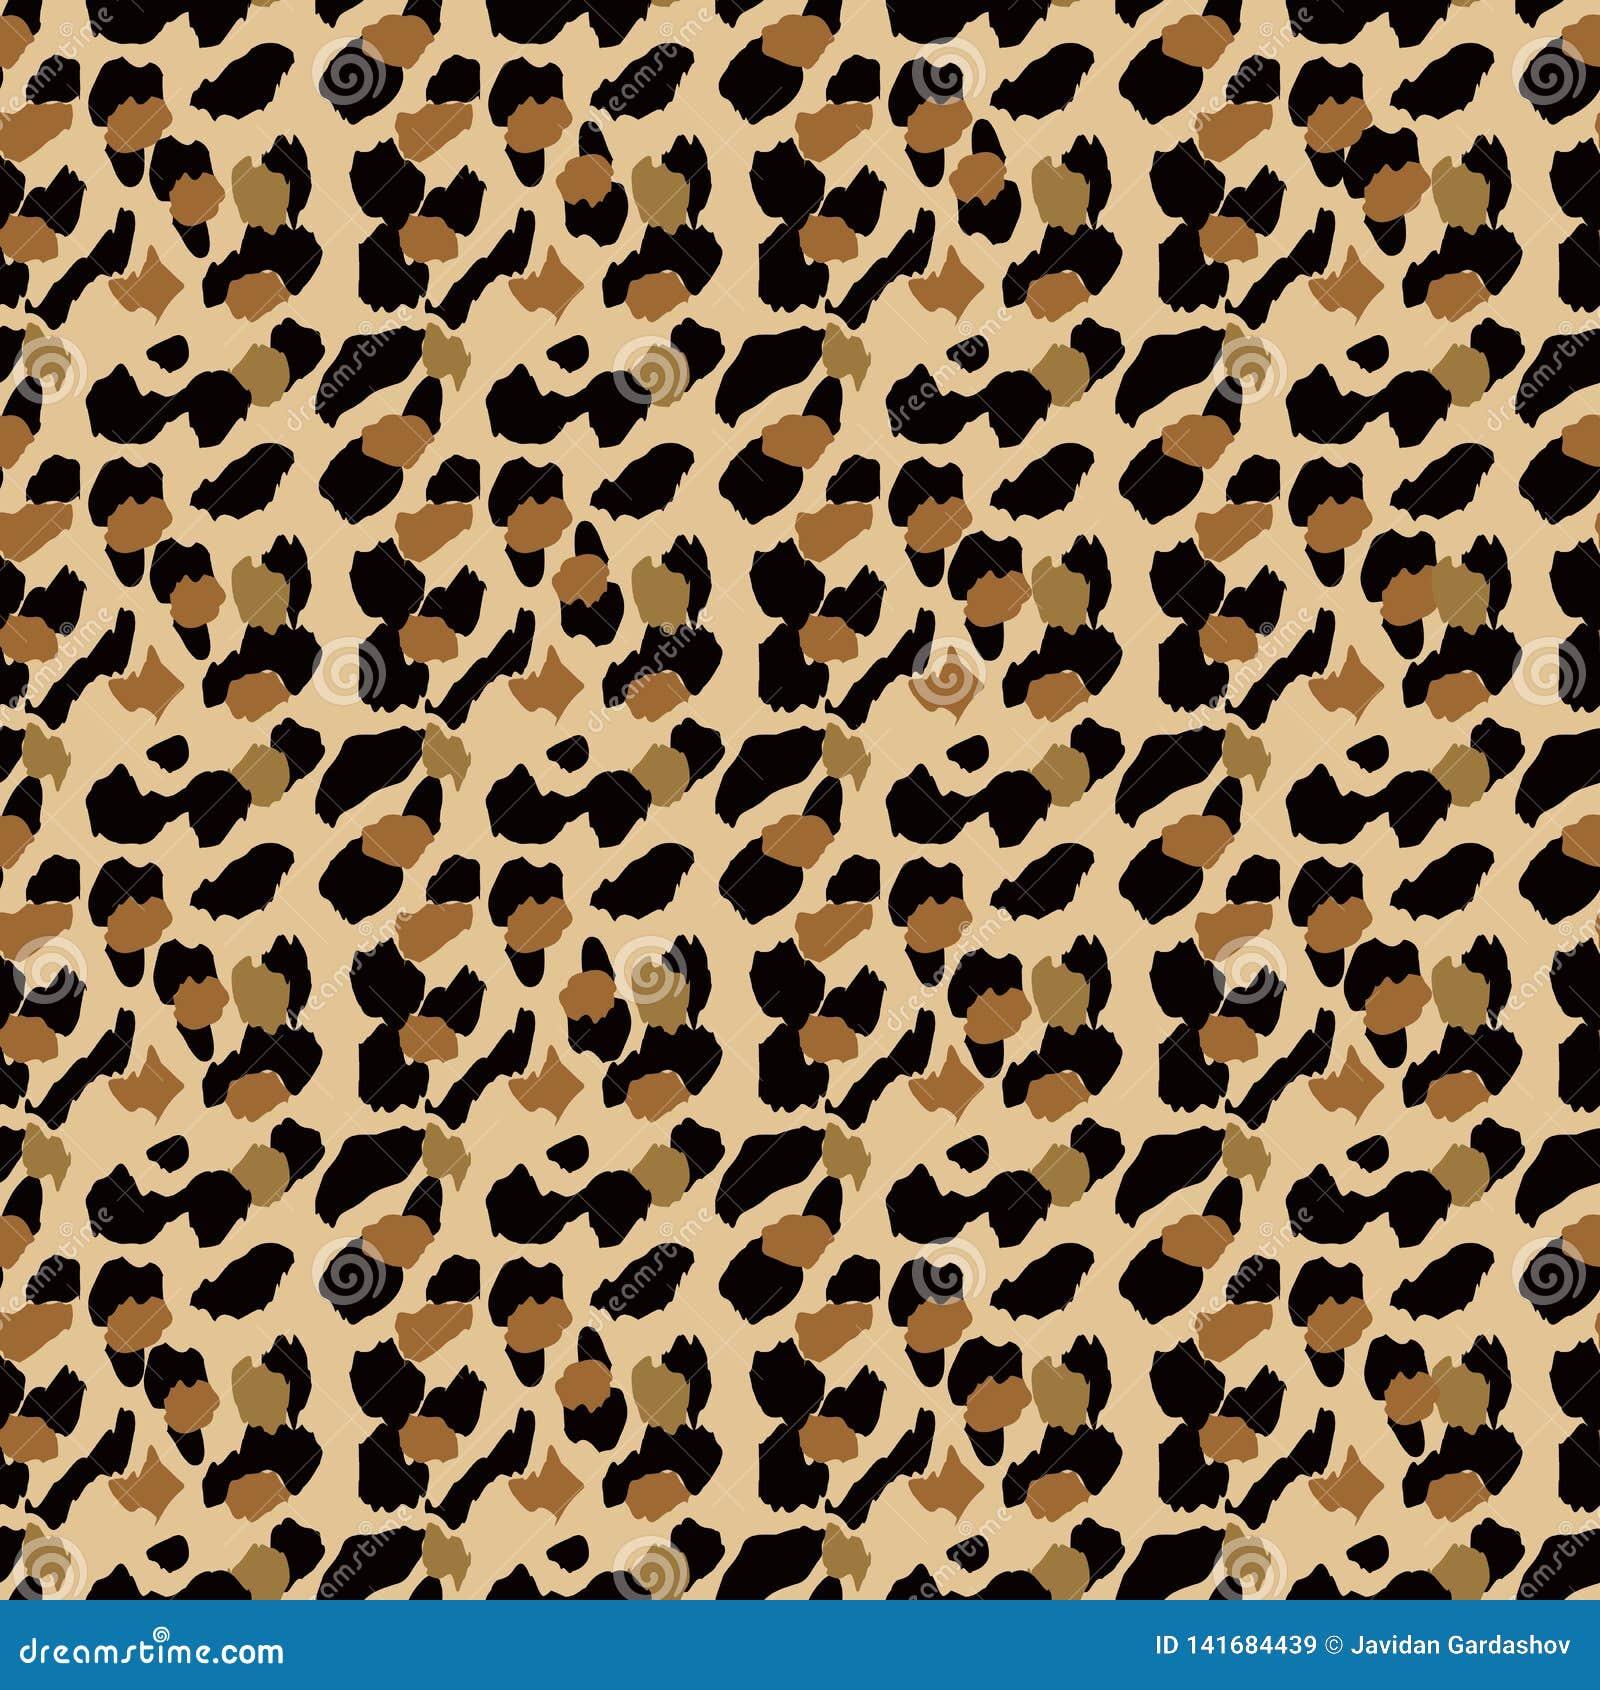 Modele Sans Couture De Leopard A La Mode Fond Repere Stylise De Peau De Leopard Pour La Mode Copie Papier Peint Tissu Illustration De Vecteur Illustration Du Mode Tissu 141684439